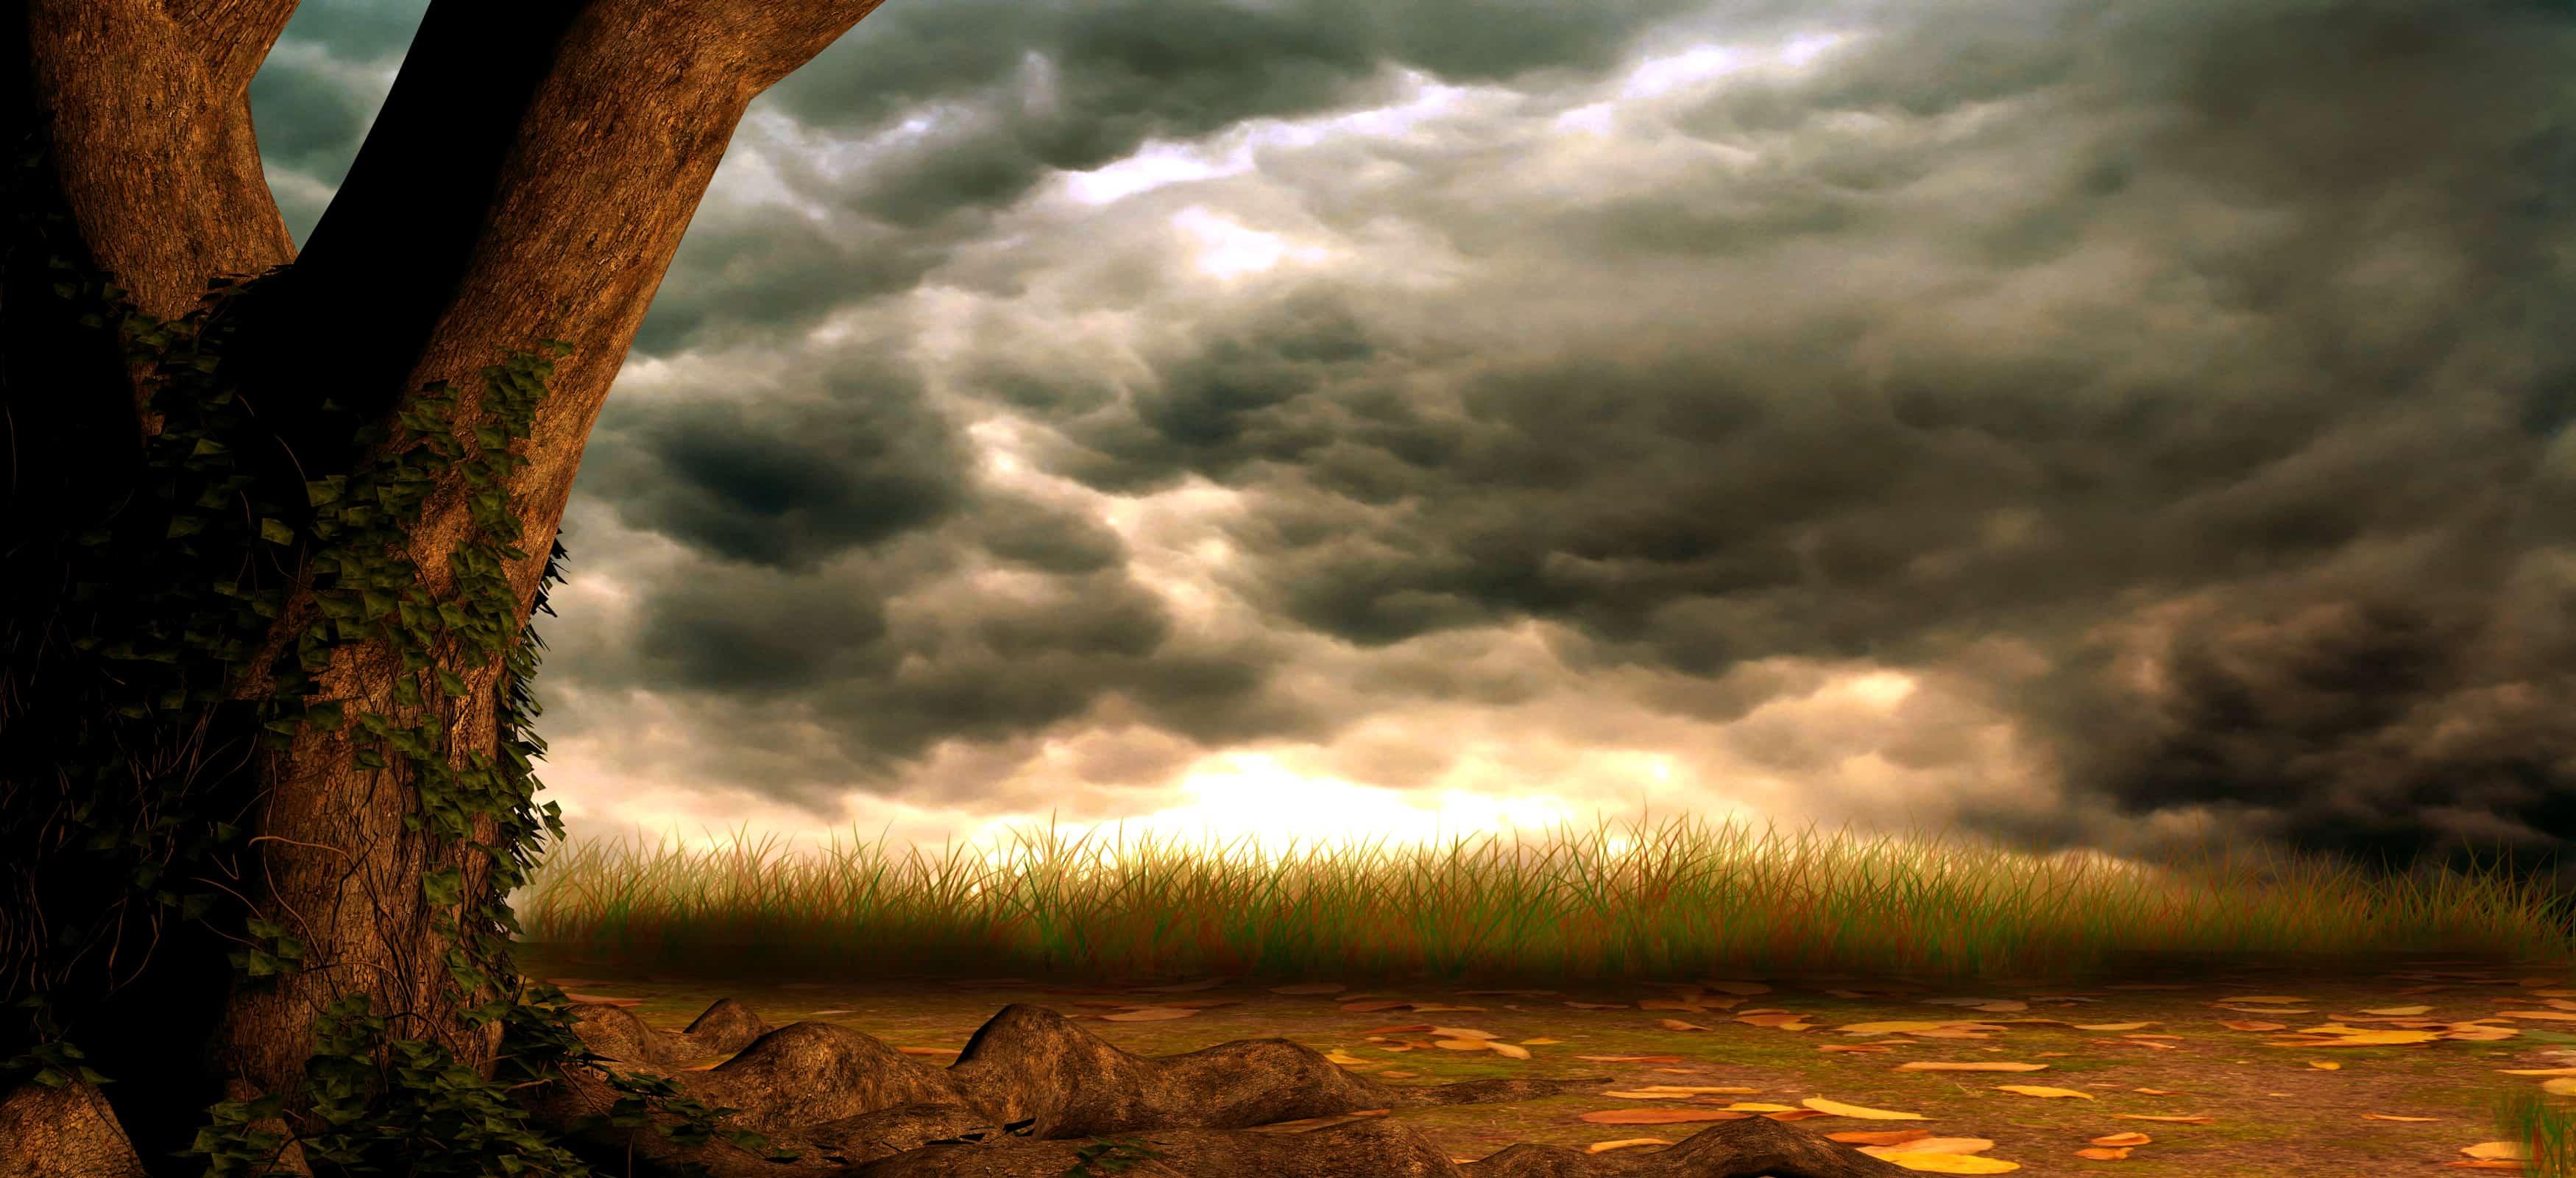 image libre  art  paysage  arbre  nuage  soleil  nuage  paysage  coucher de soleil  aube  ciel